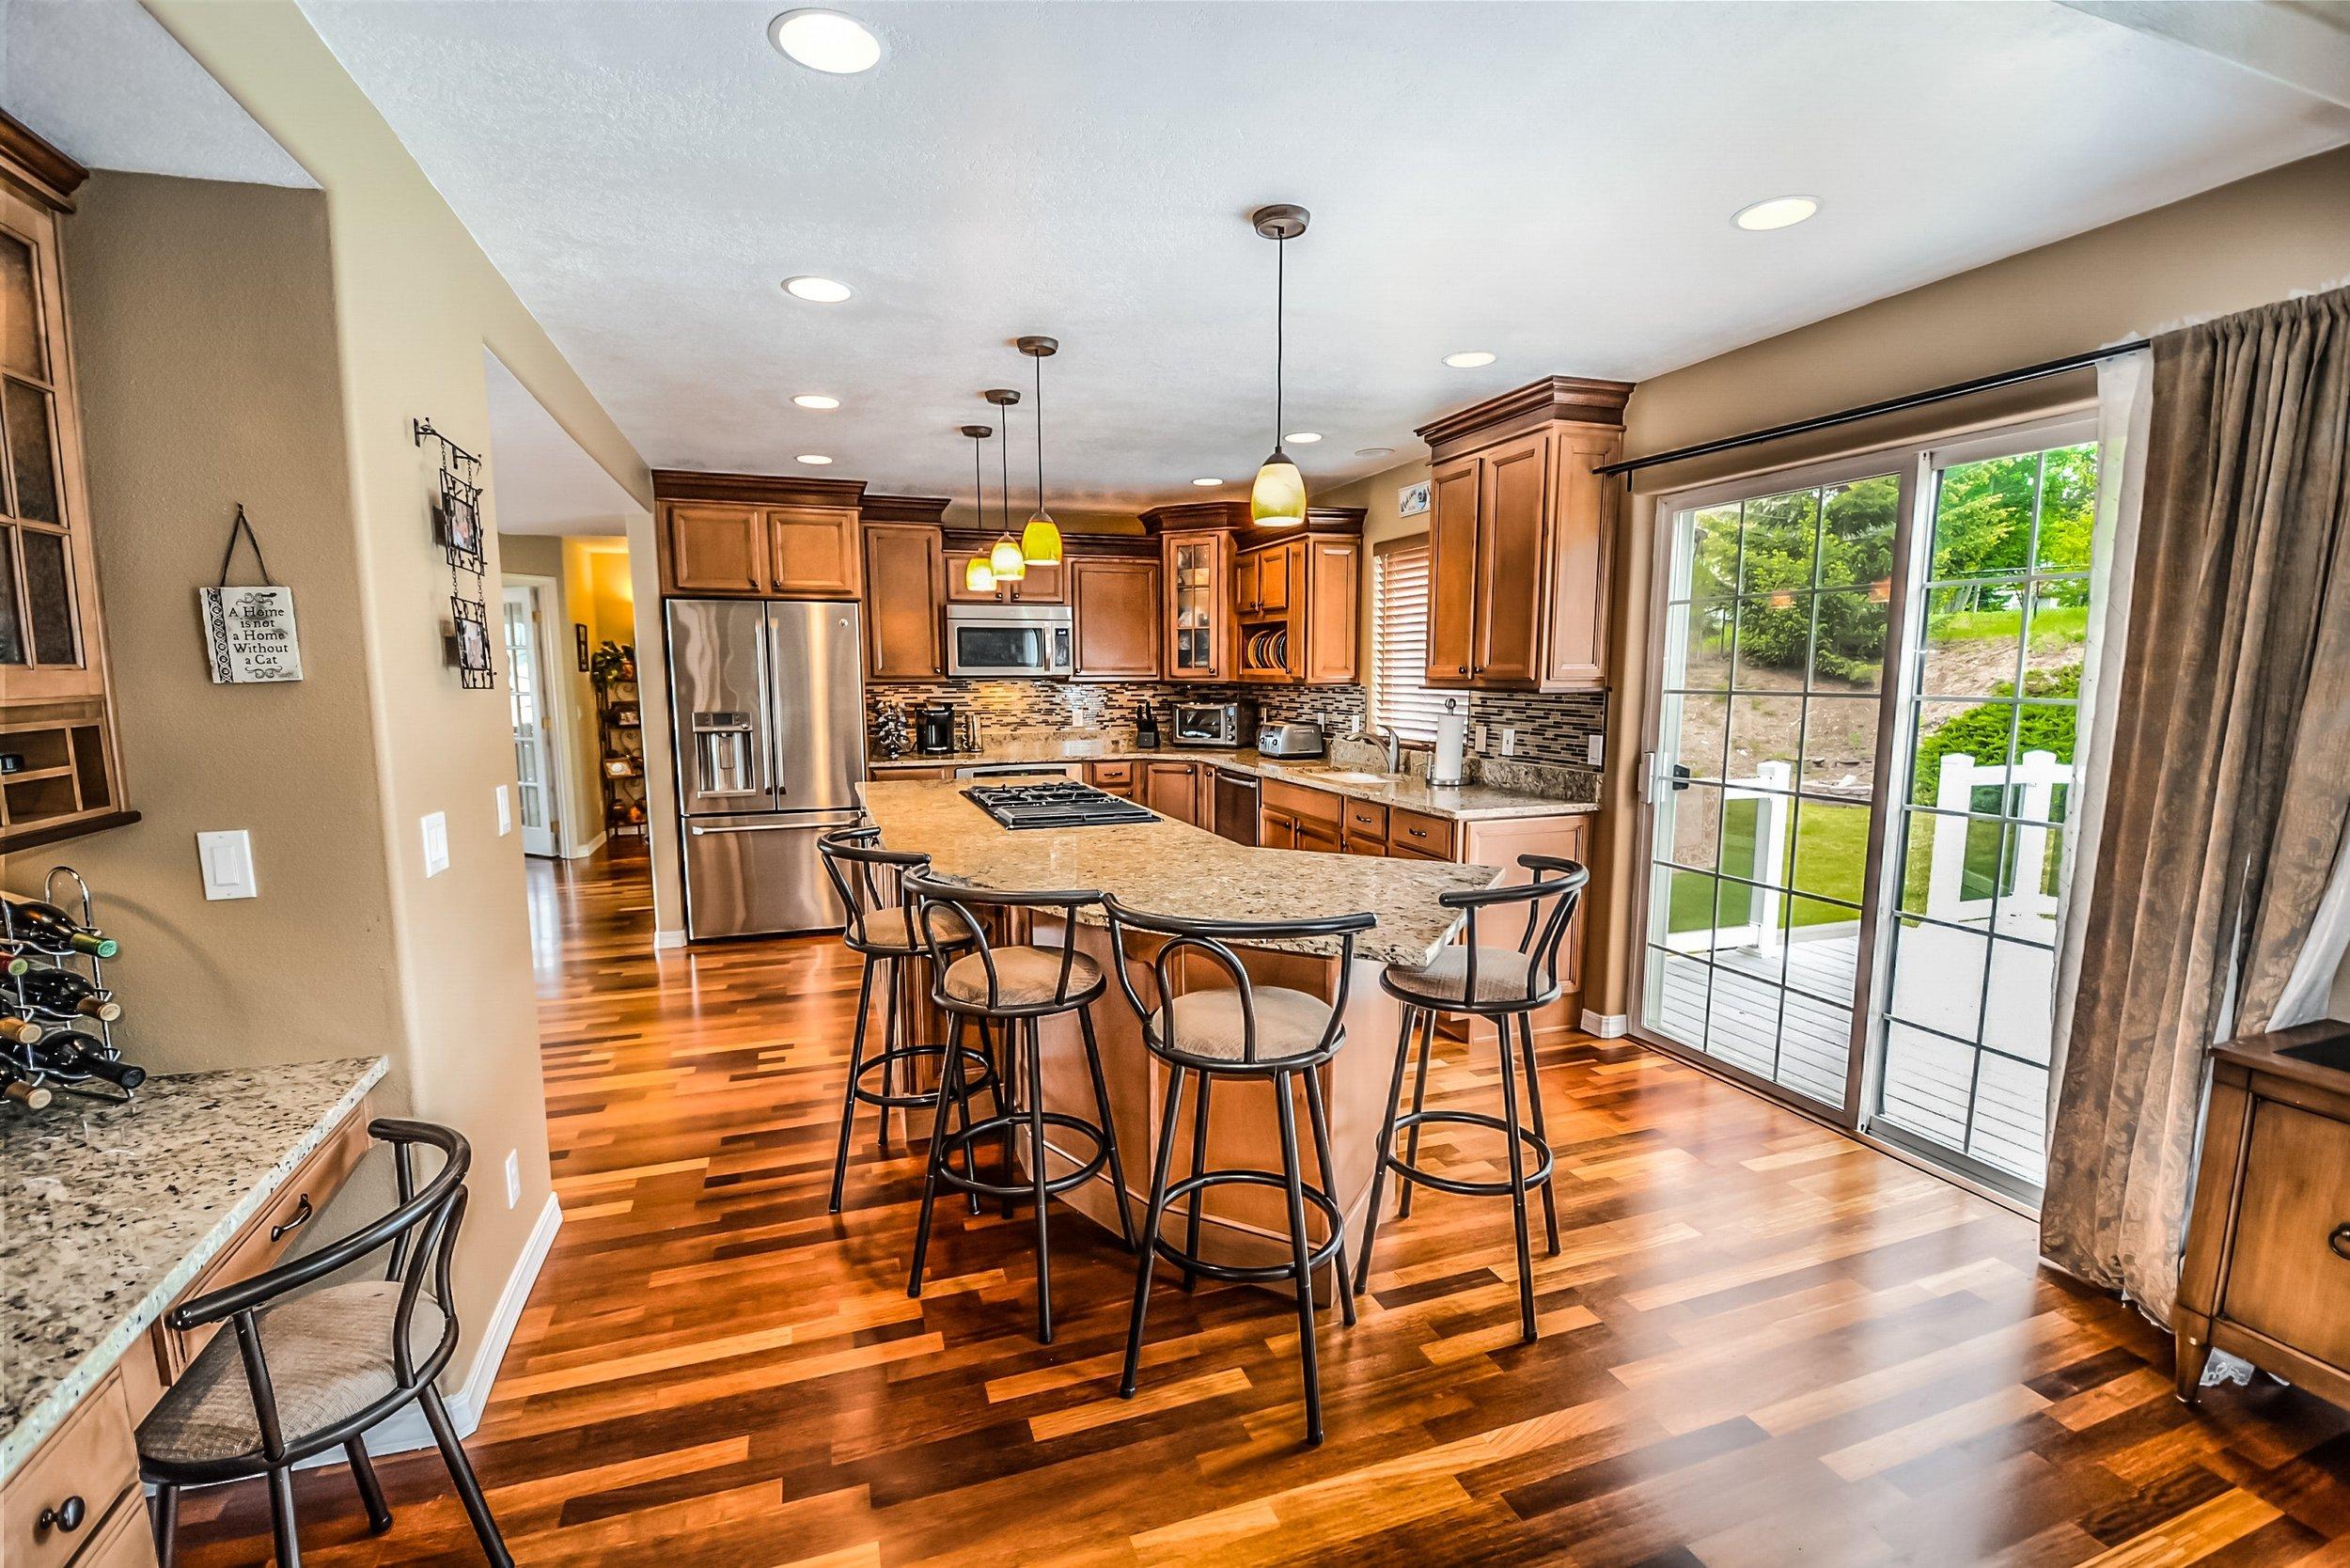 how-to-clean-hardwood-floors-guide.jpg